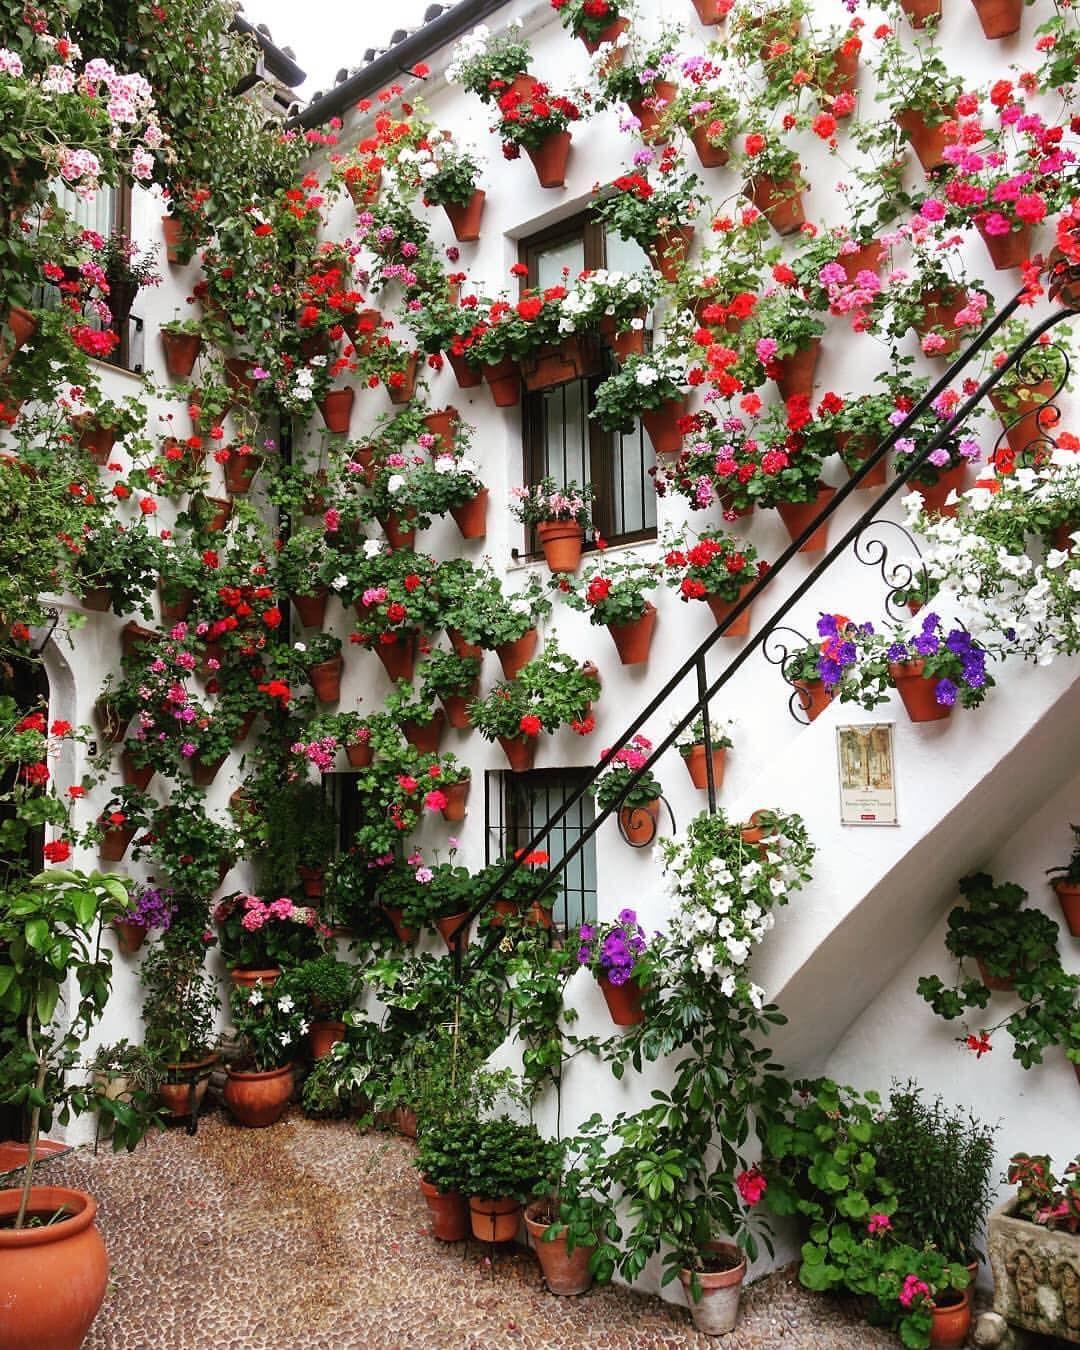 Los Patios De Cordoba Spain Photo By Fabisverige Old Town